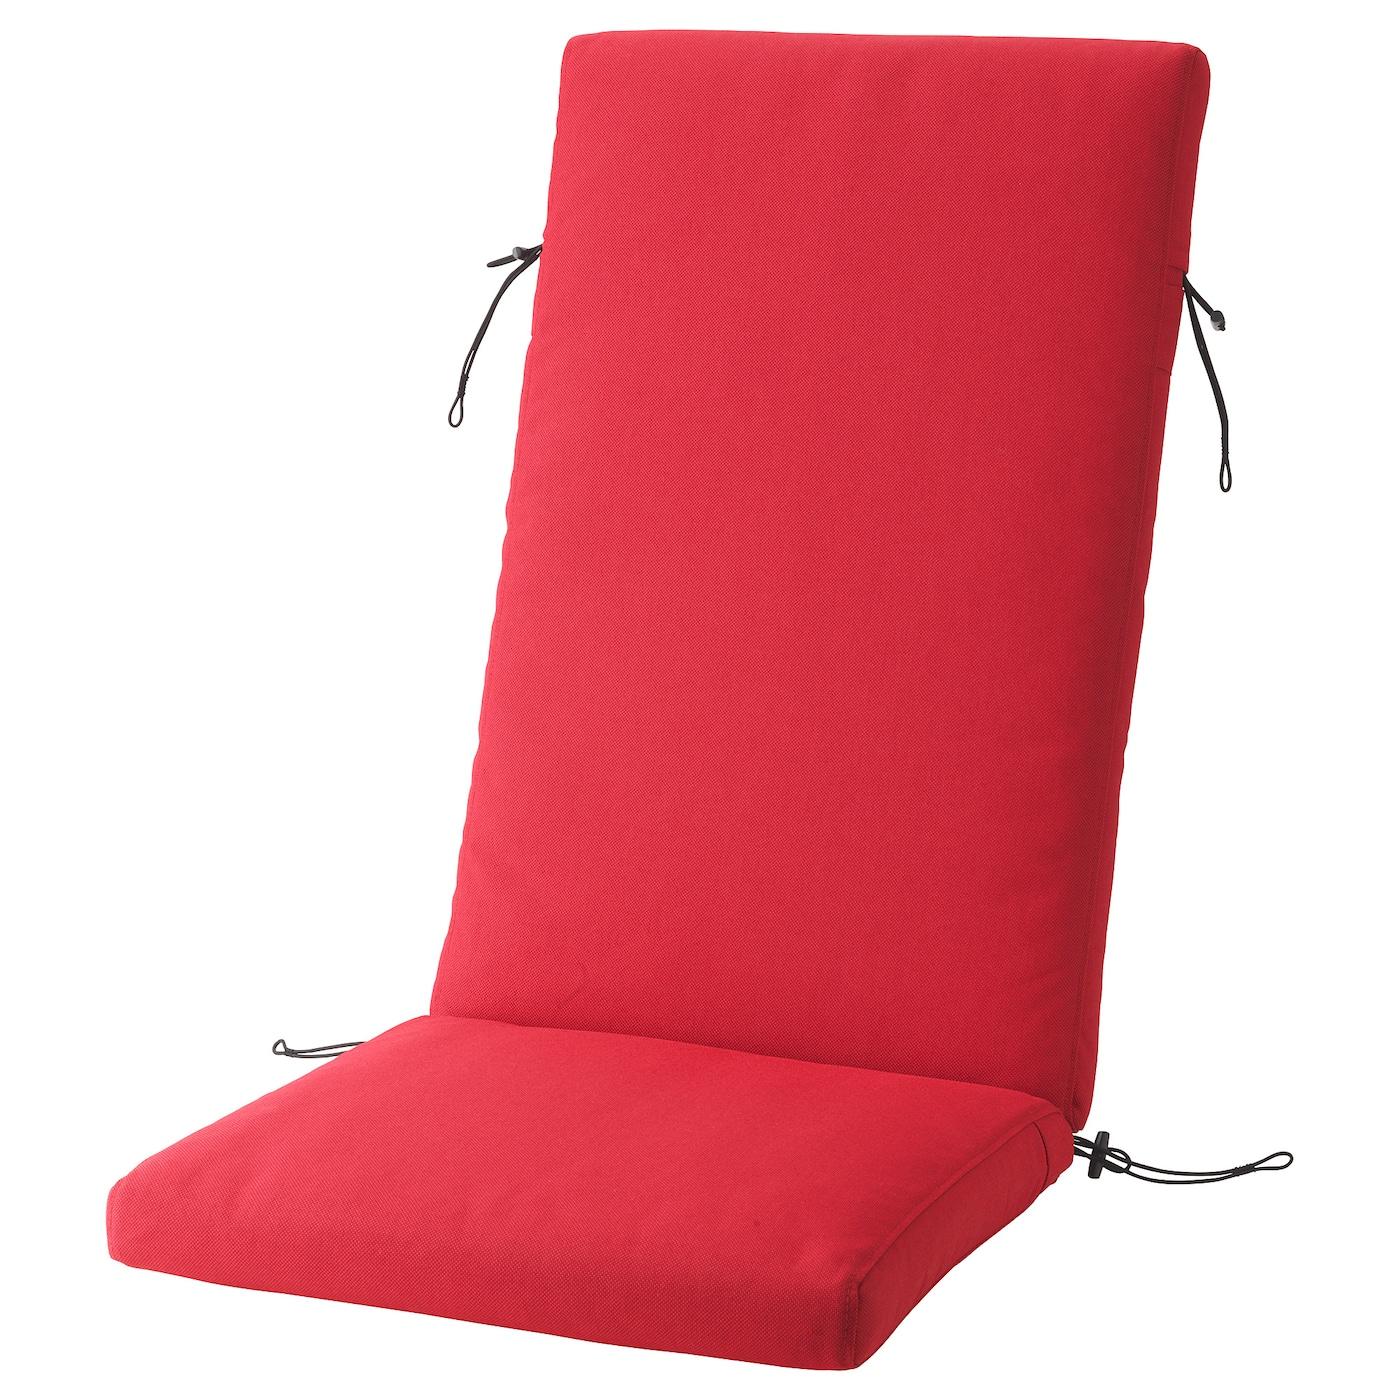 coussin chaise fauteuil d 39 ext rieur ikea. Black Bedroom Furniture Sets. Home Design Ideas